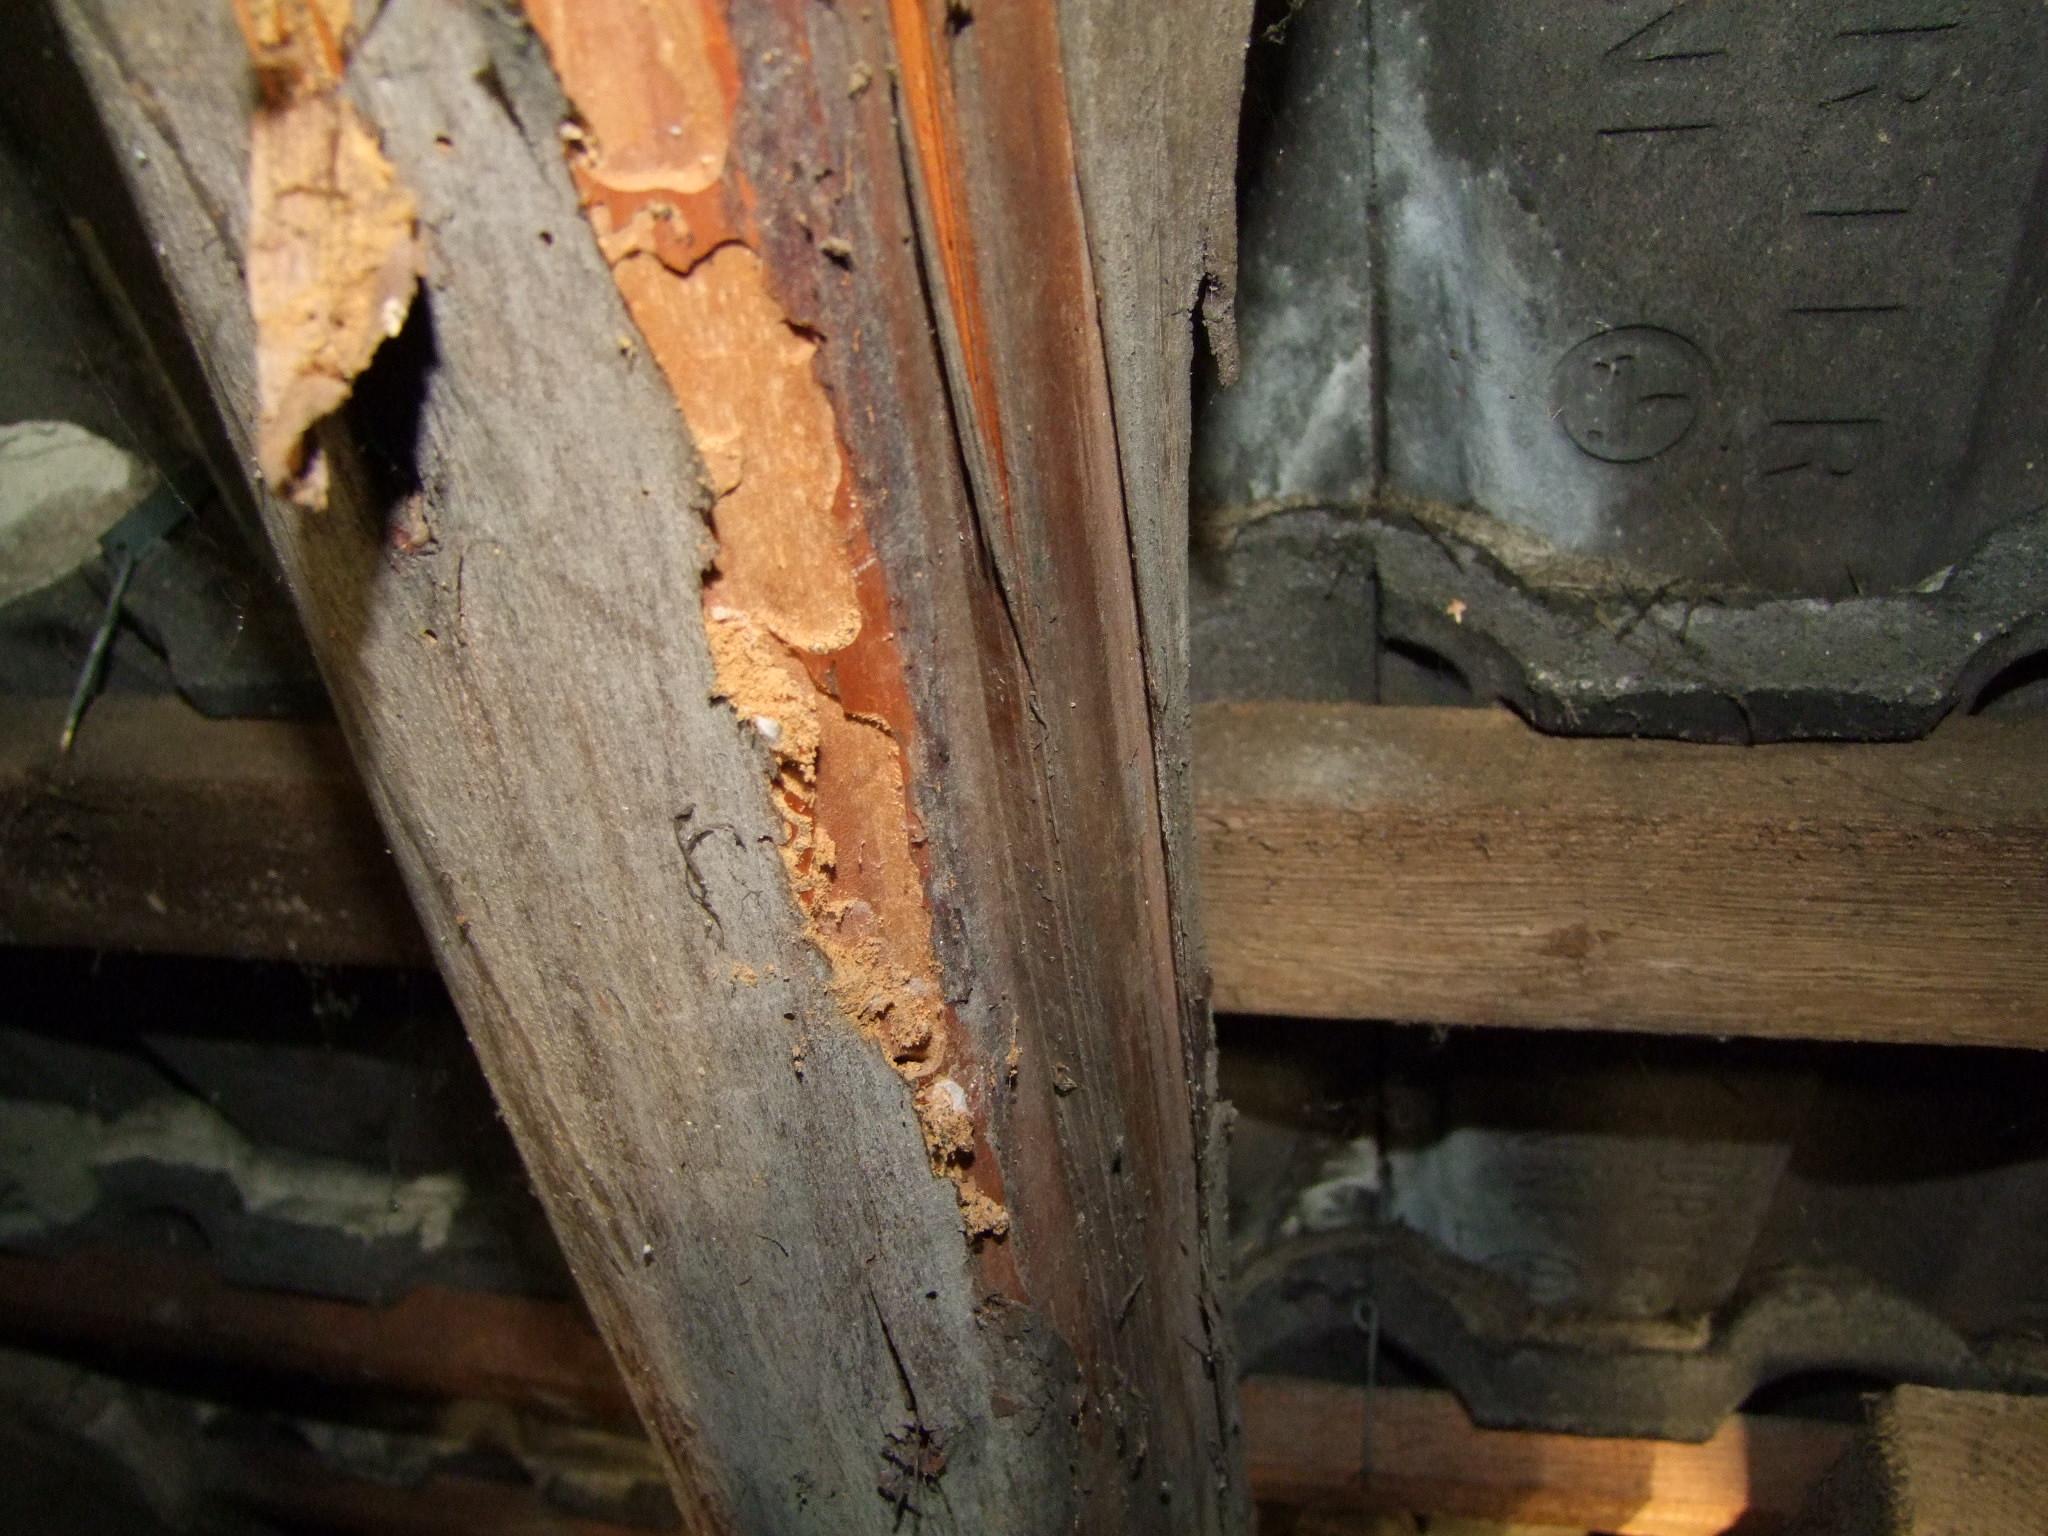 Untersuchung bei Holzschäden durch z.B: Holzbock oder Anobien (Holzwürme) sowie Sanierungskonzepte.